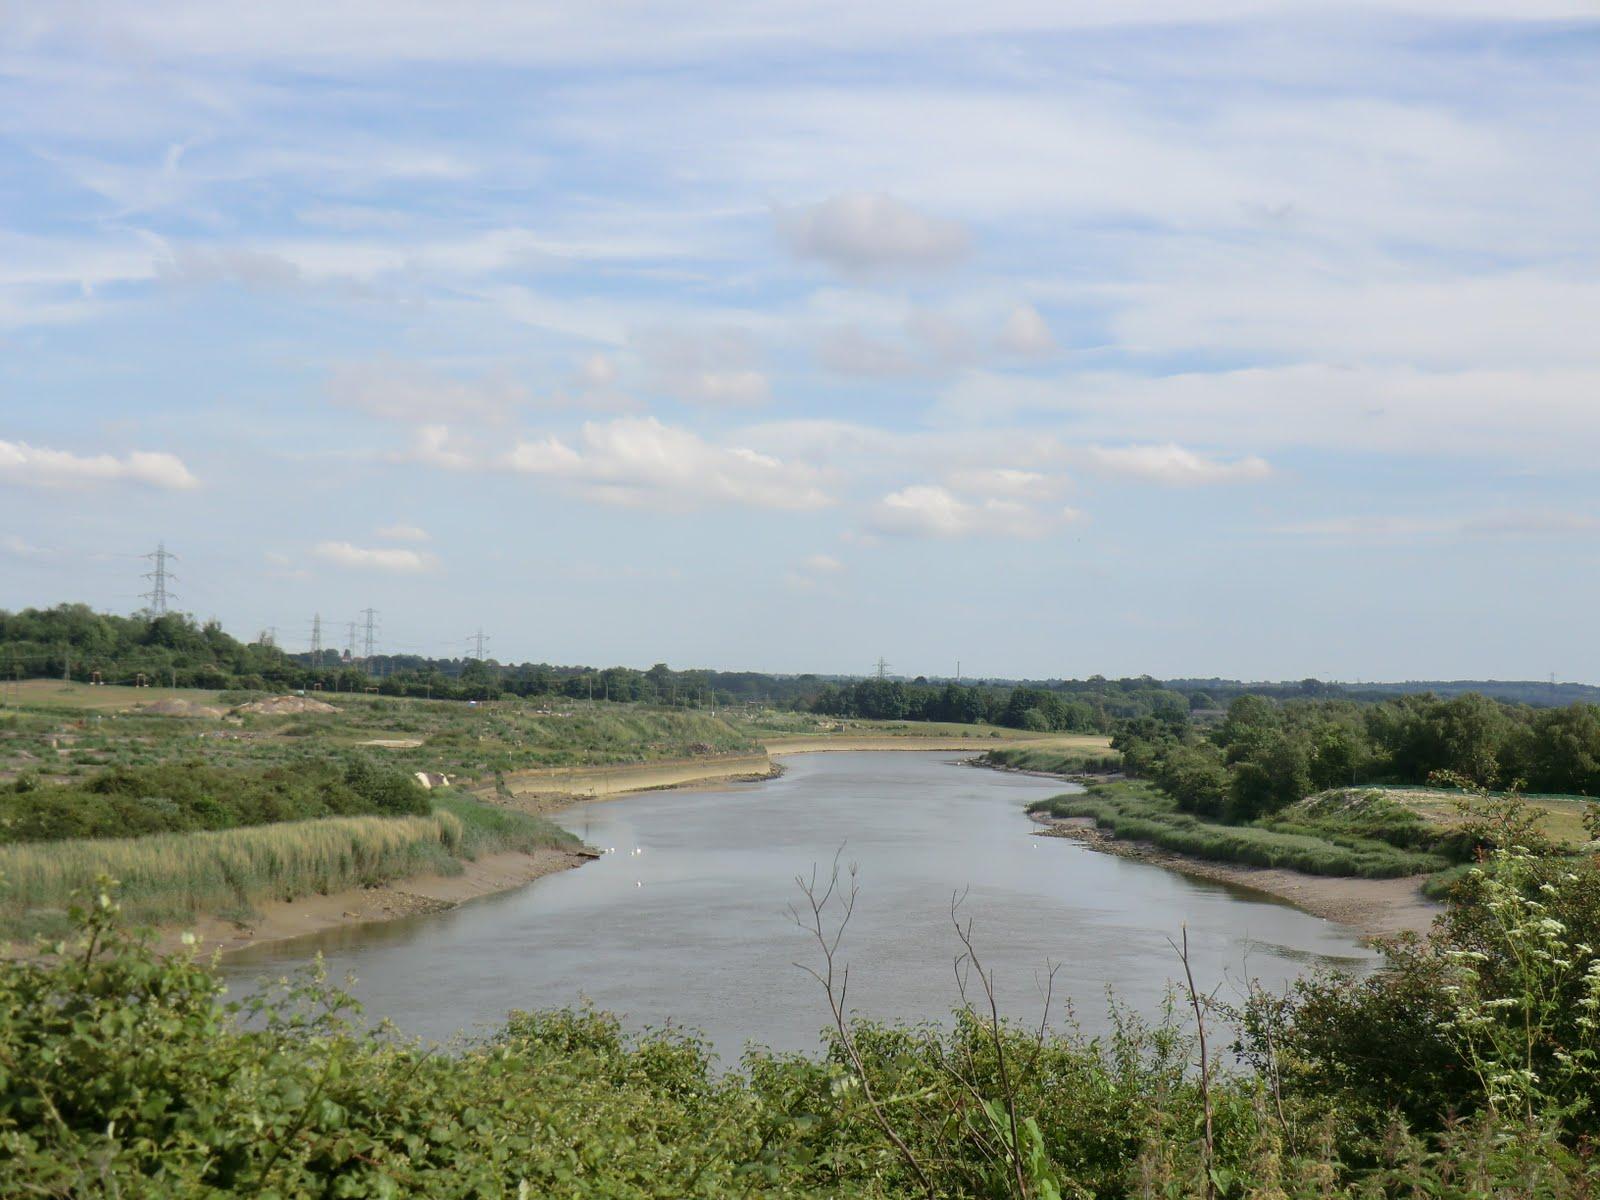 CIMG1936 River Medway between Halling and Snodland